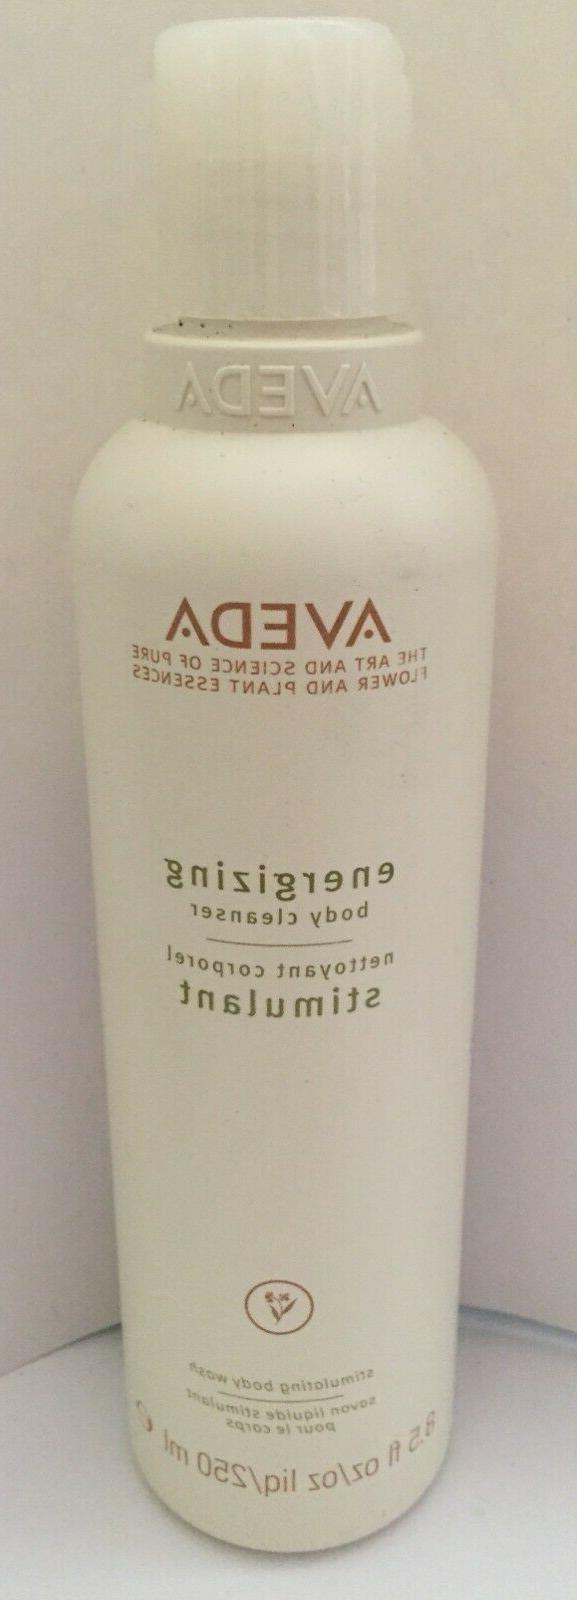 Aveda Energizing Body Cleanser Stimulat 8.5 oz